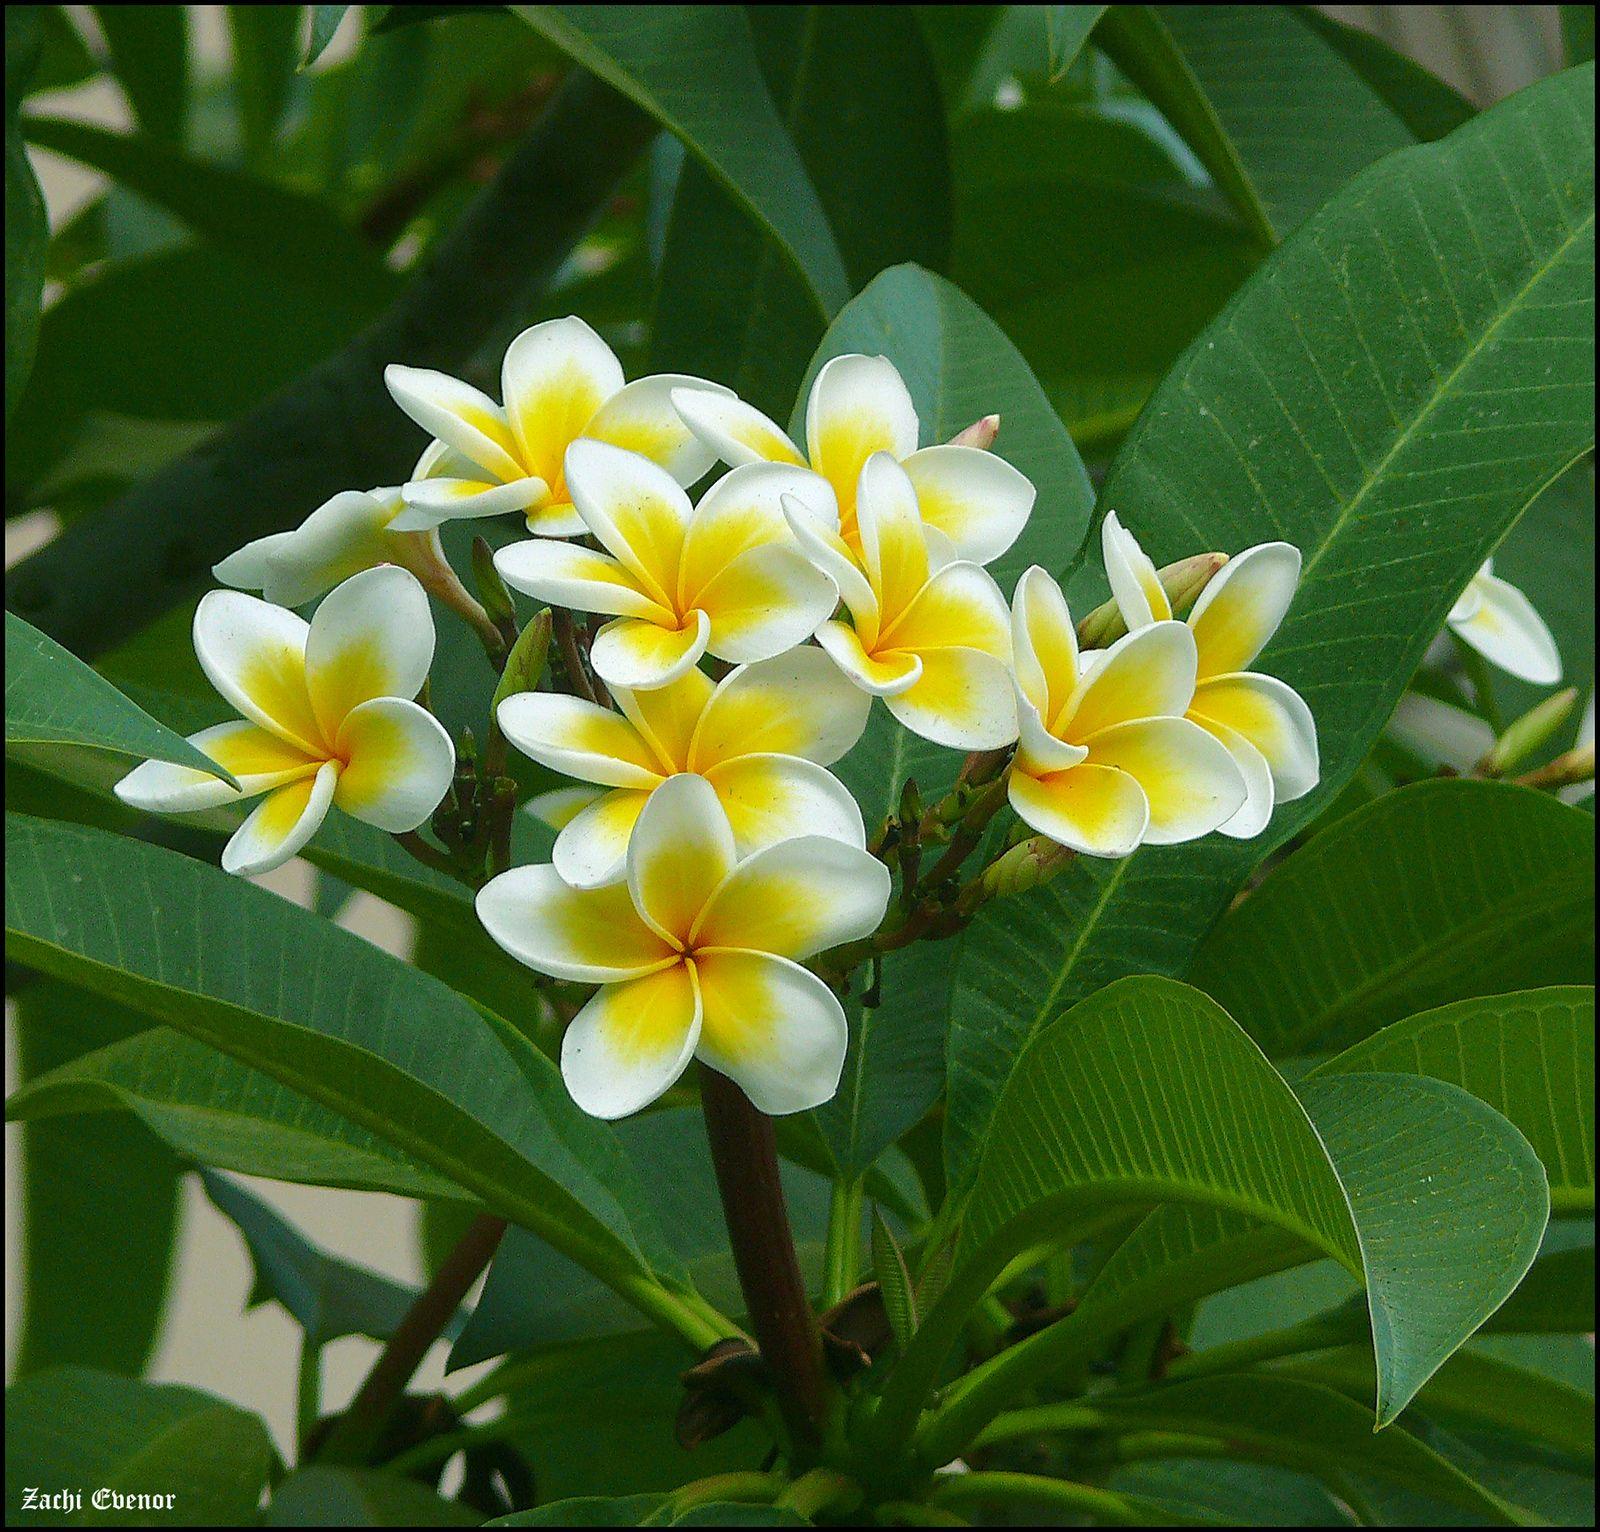 Plumeria פלומריה 0006 Plumeria Flowers Plumeria Tree Frangipani